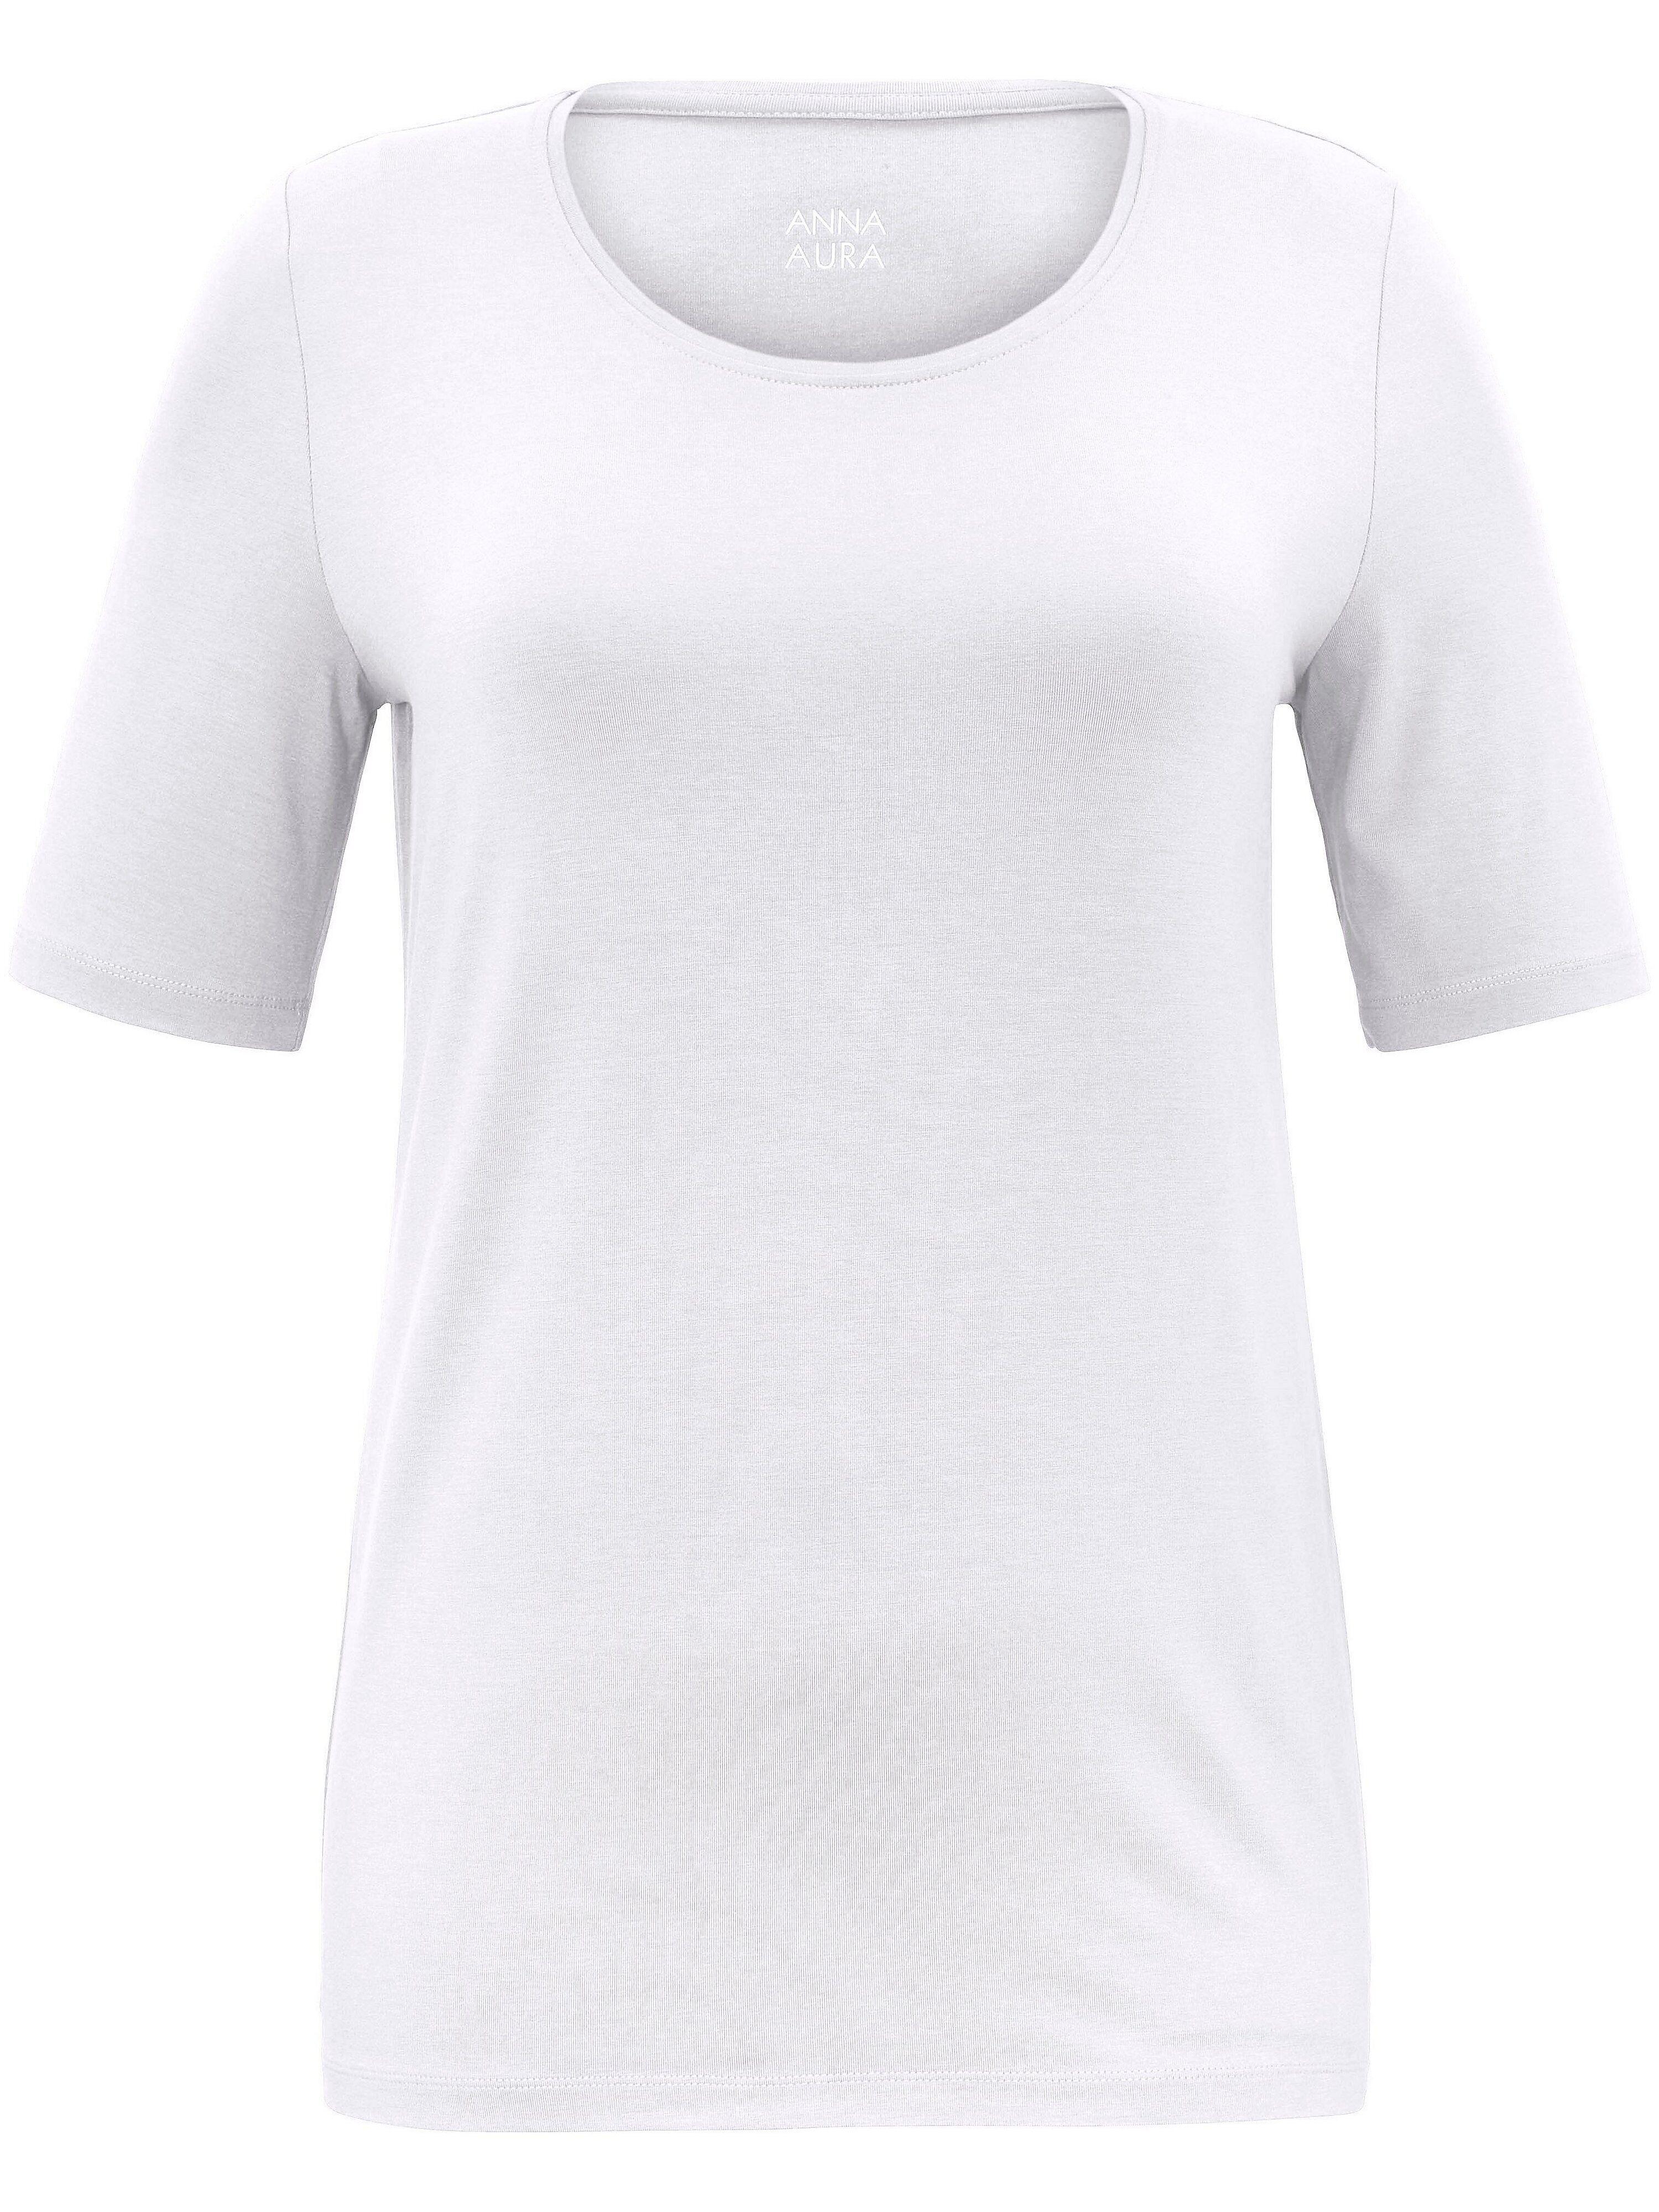 Anna Aura Le T-shirt facile d'entretien  Anna Aura blanc  - Femme - 42